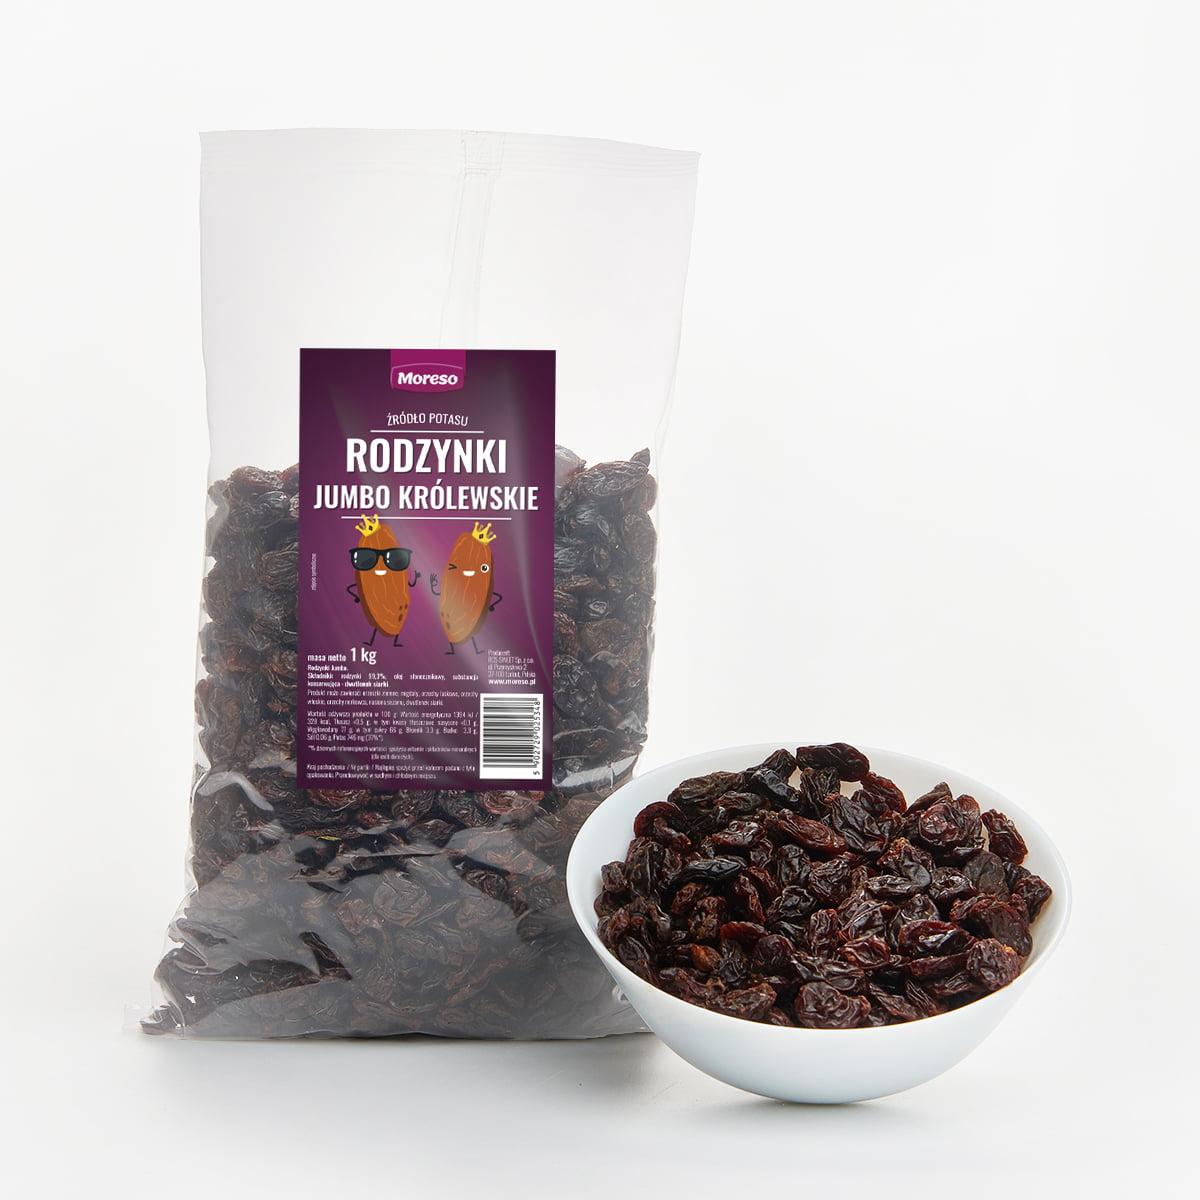 RODZYNKI Królewskie 1 kg jakość premium Moreso